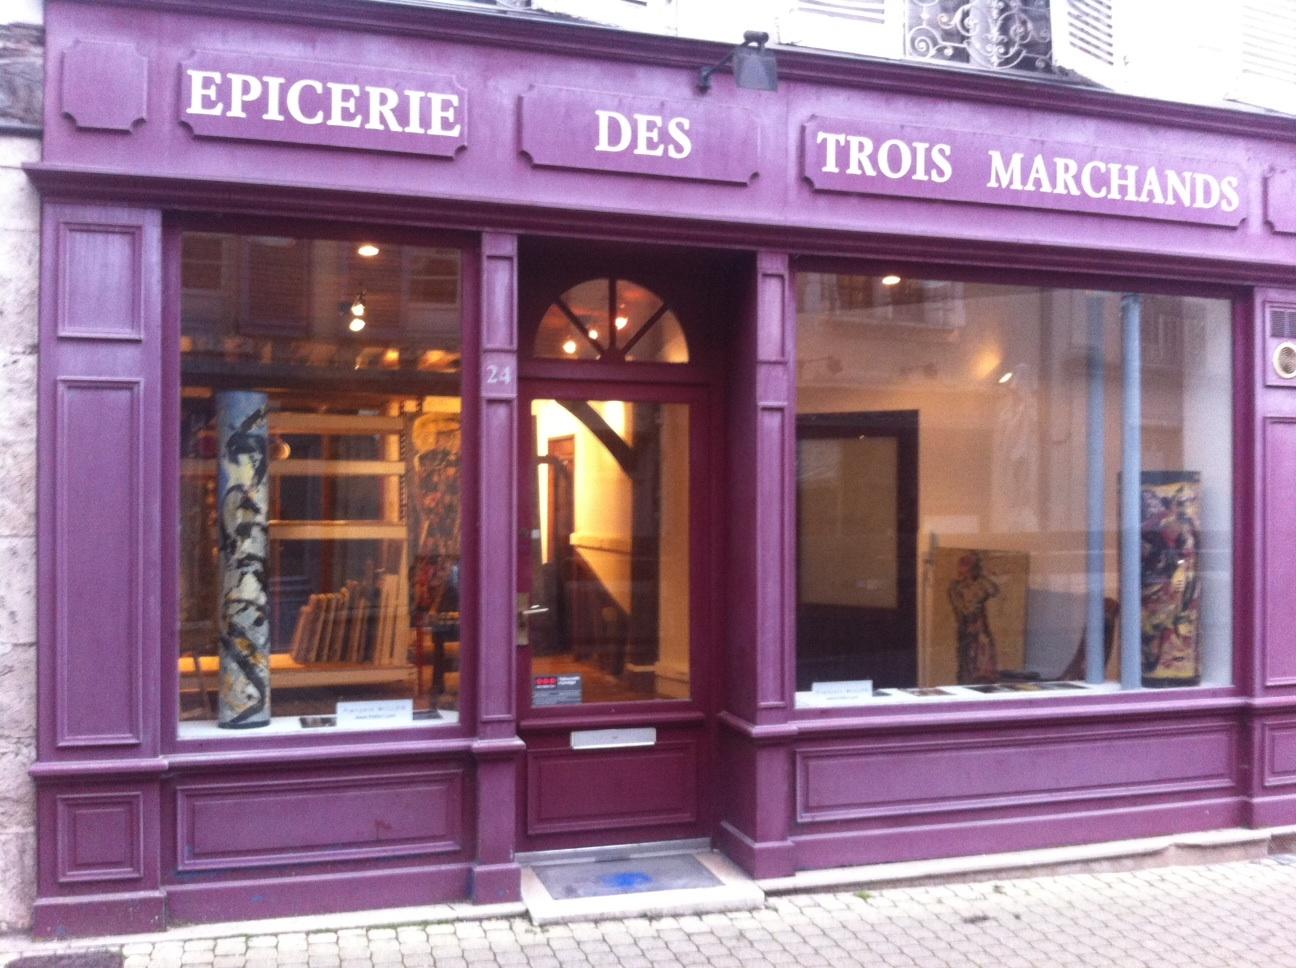 Millon 24 rue des trois marchands 41000 Blois 33 2 54 79 16 19 millonpeintures@gmail.com